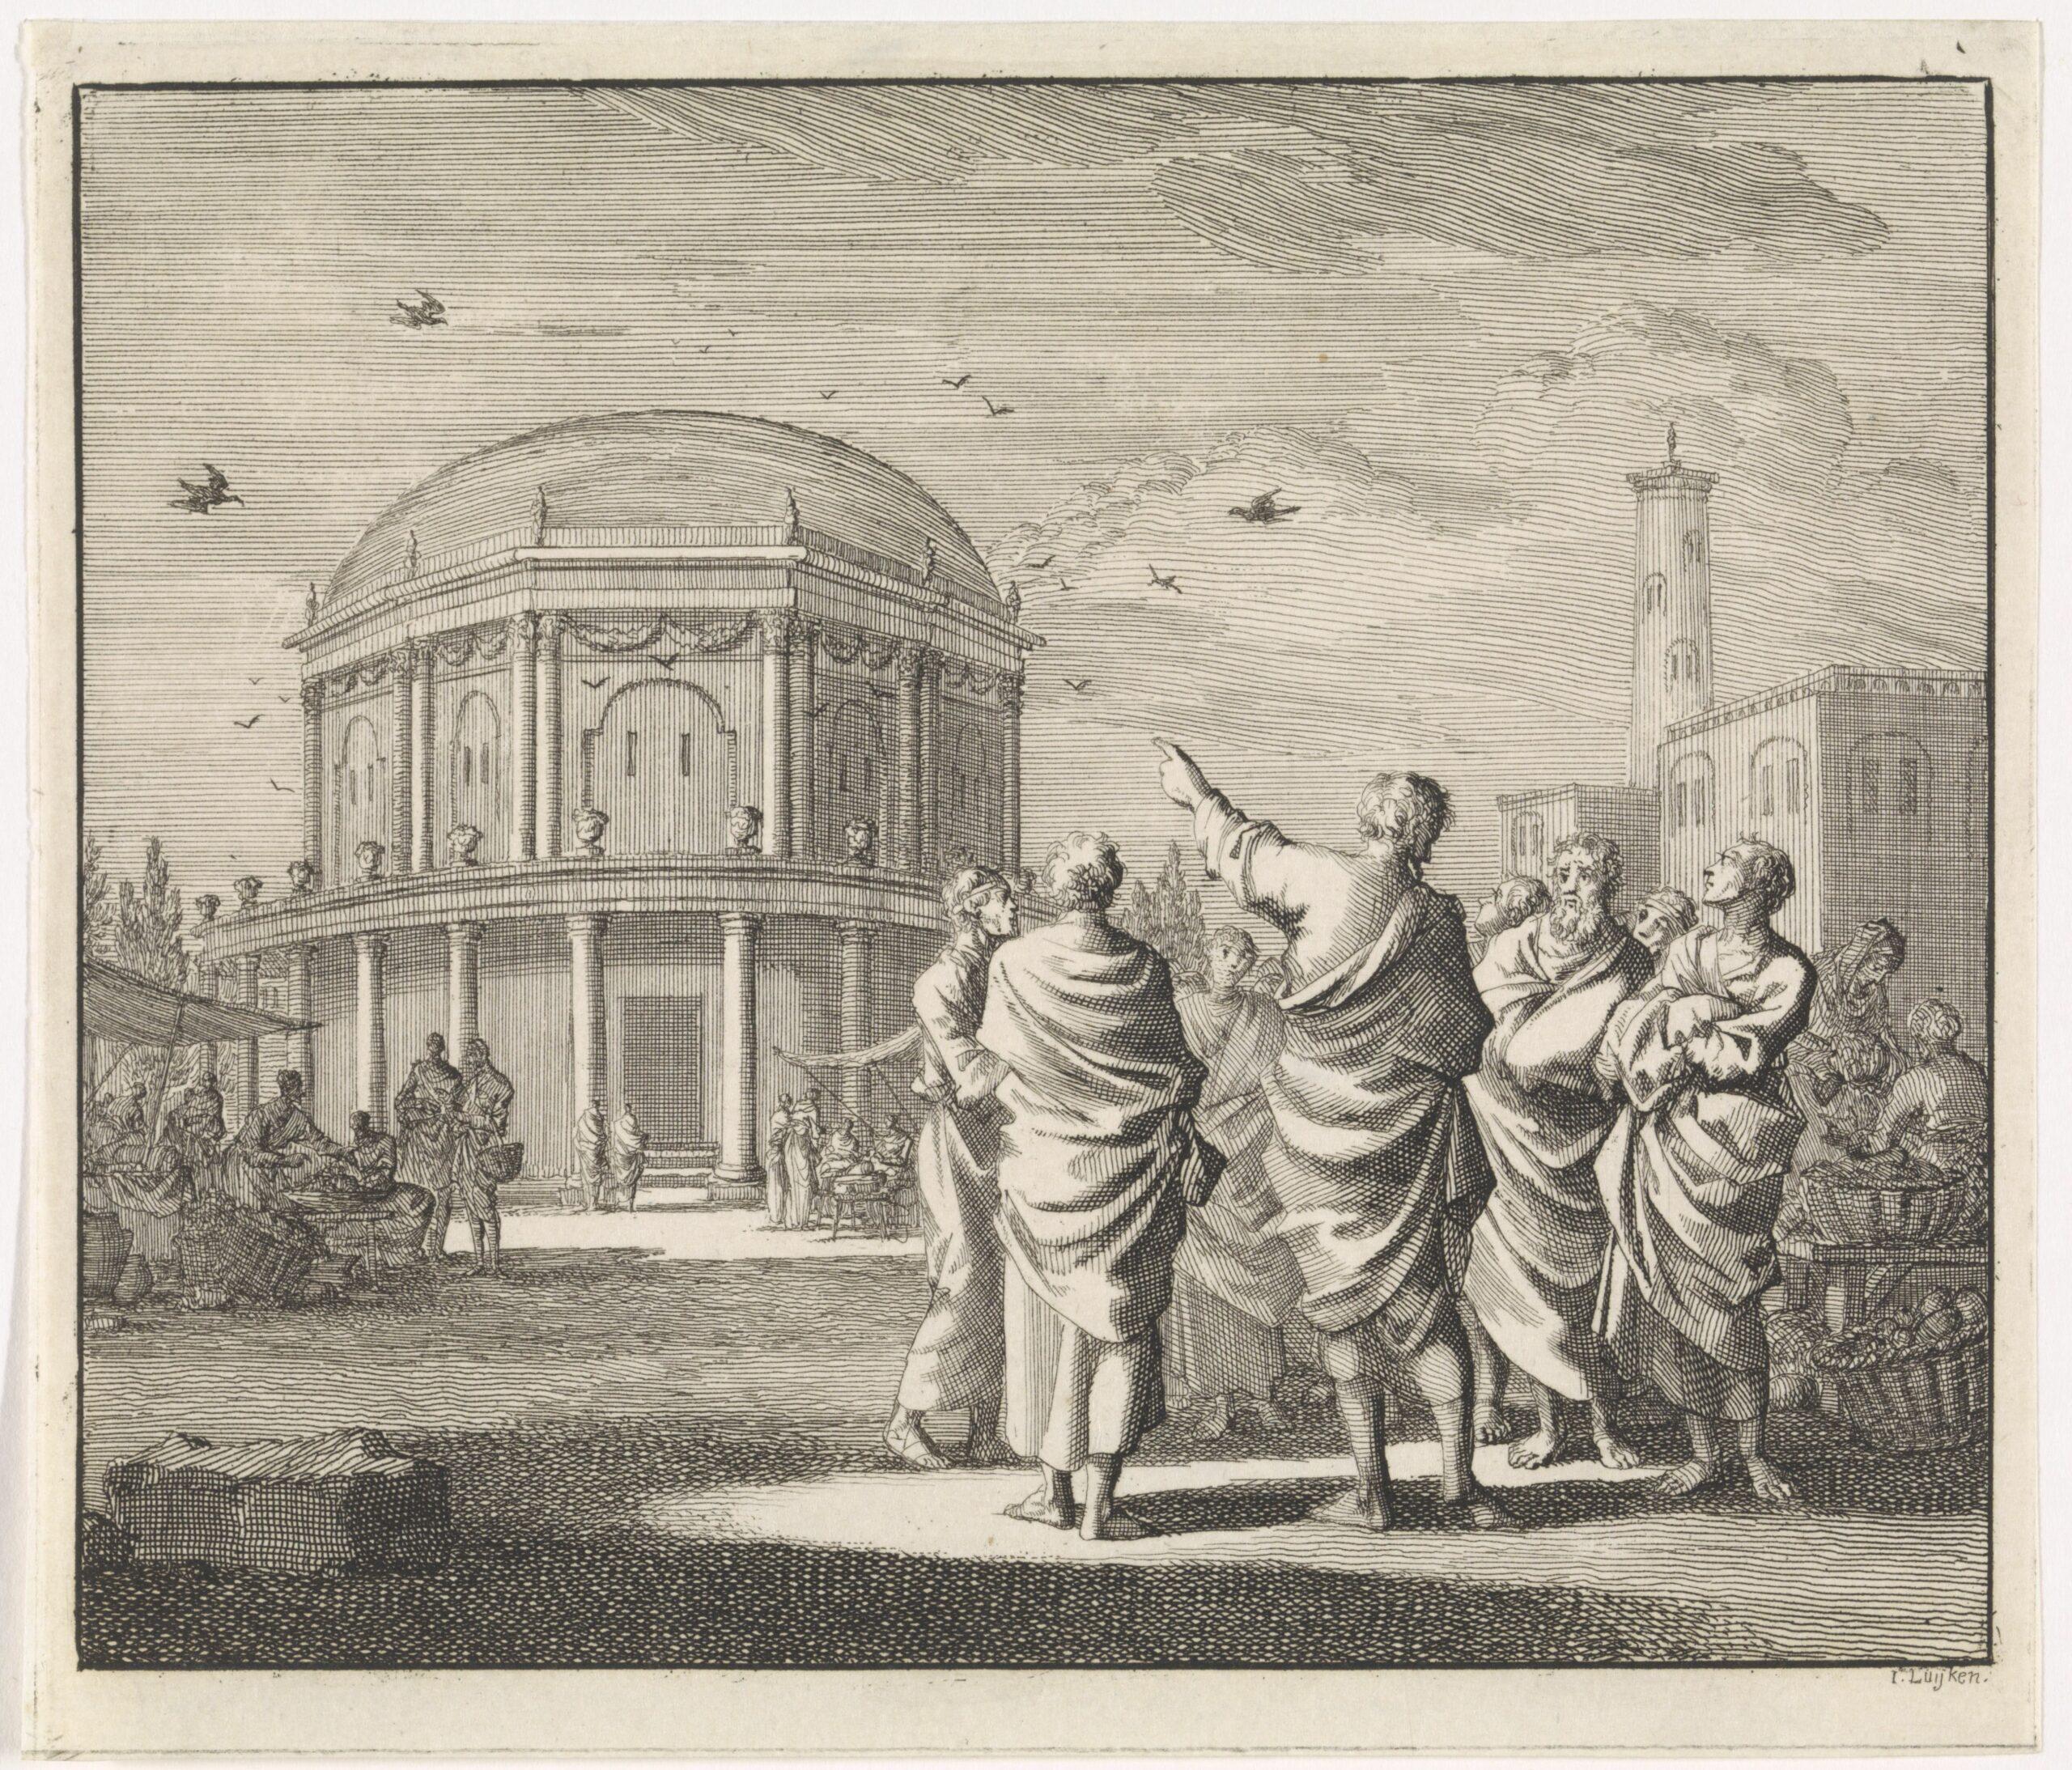 Heilige Athanasius voorspelt de toekomst met behulp van kraaien, Jan Luyken, 1701 (c) Rijksstudio